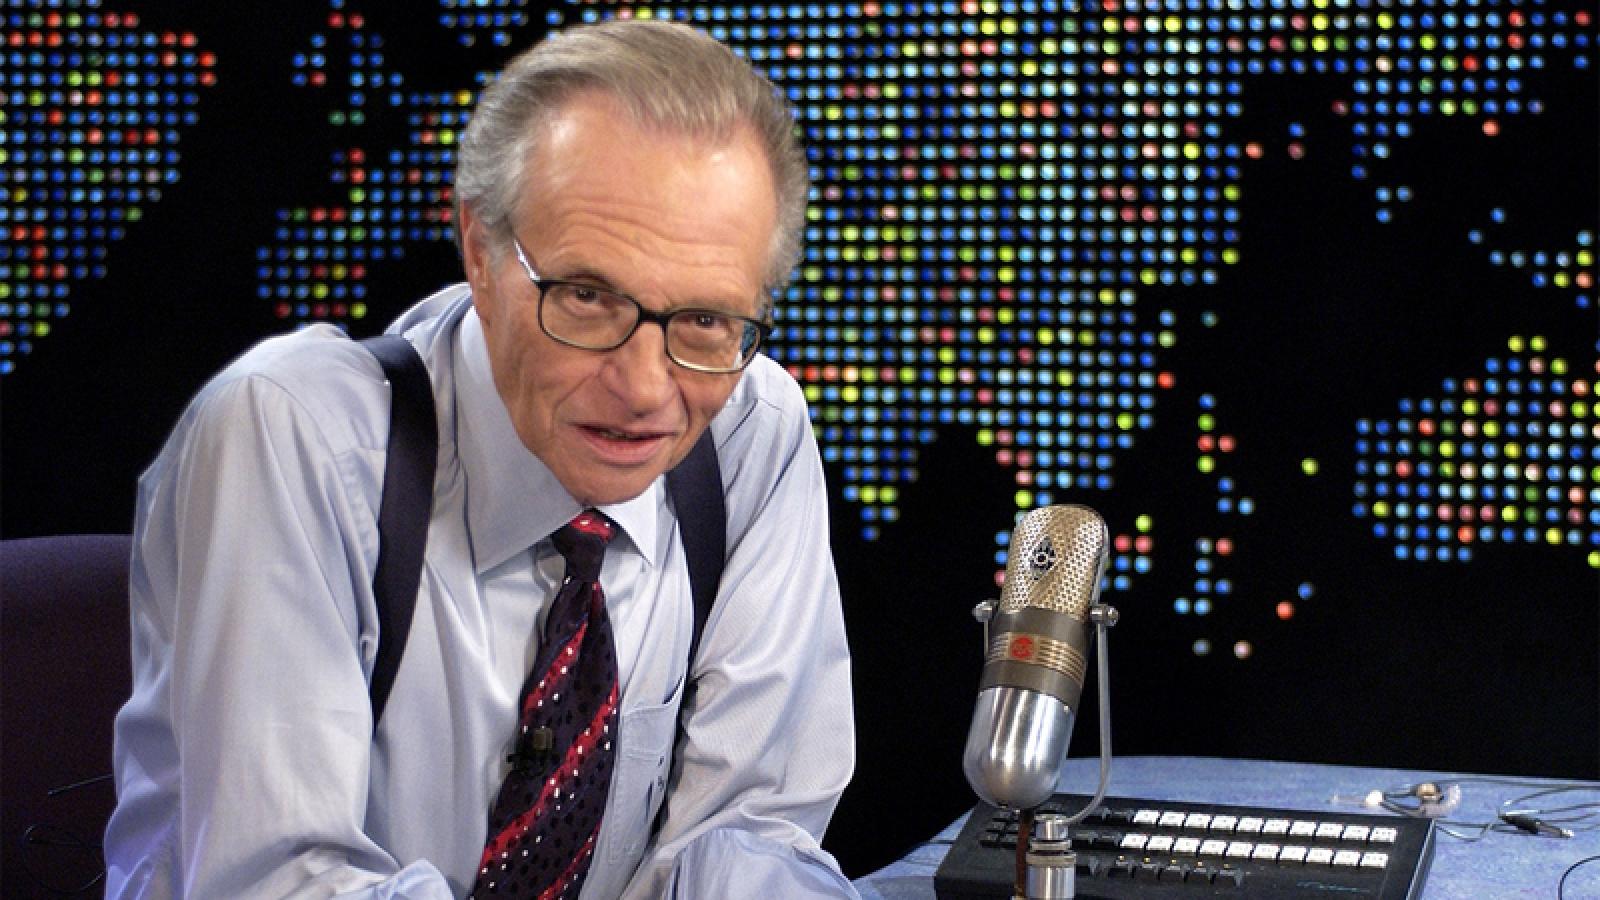 """Thế giới nói lời tạm biệt với """"ông Vua truyền hình"""" Larry King"""